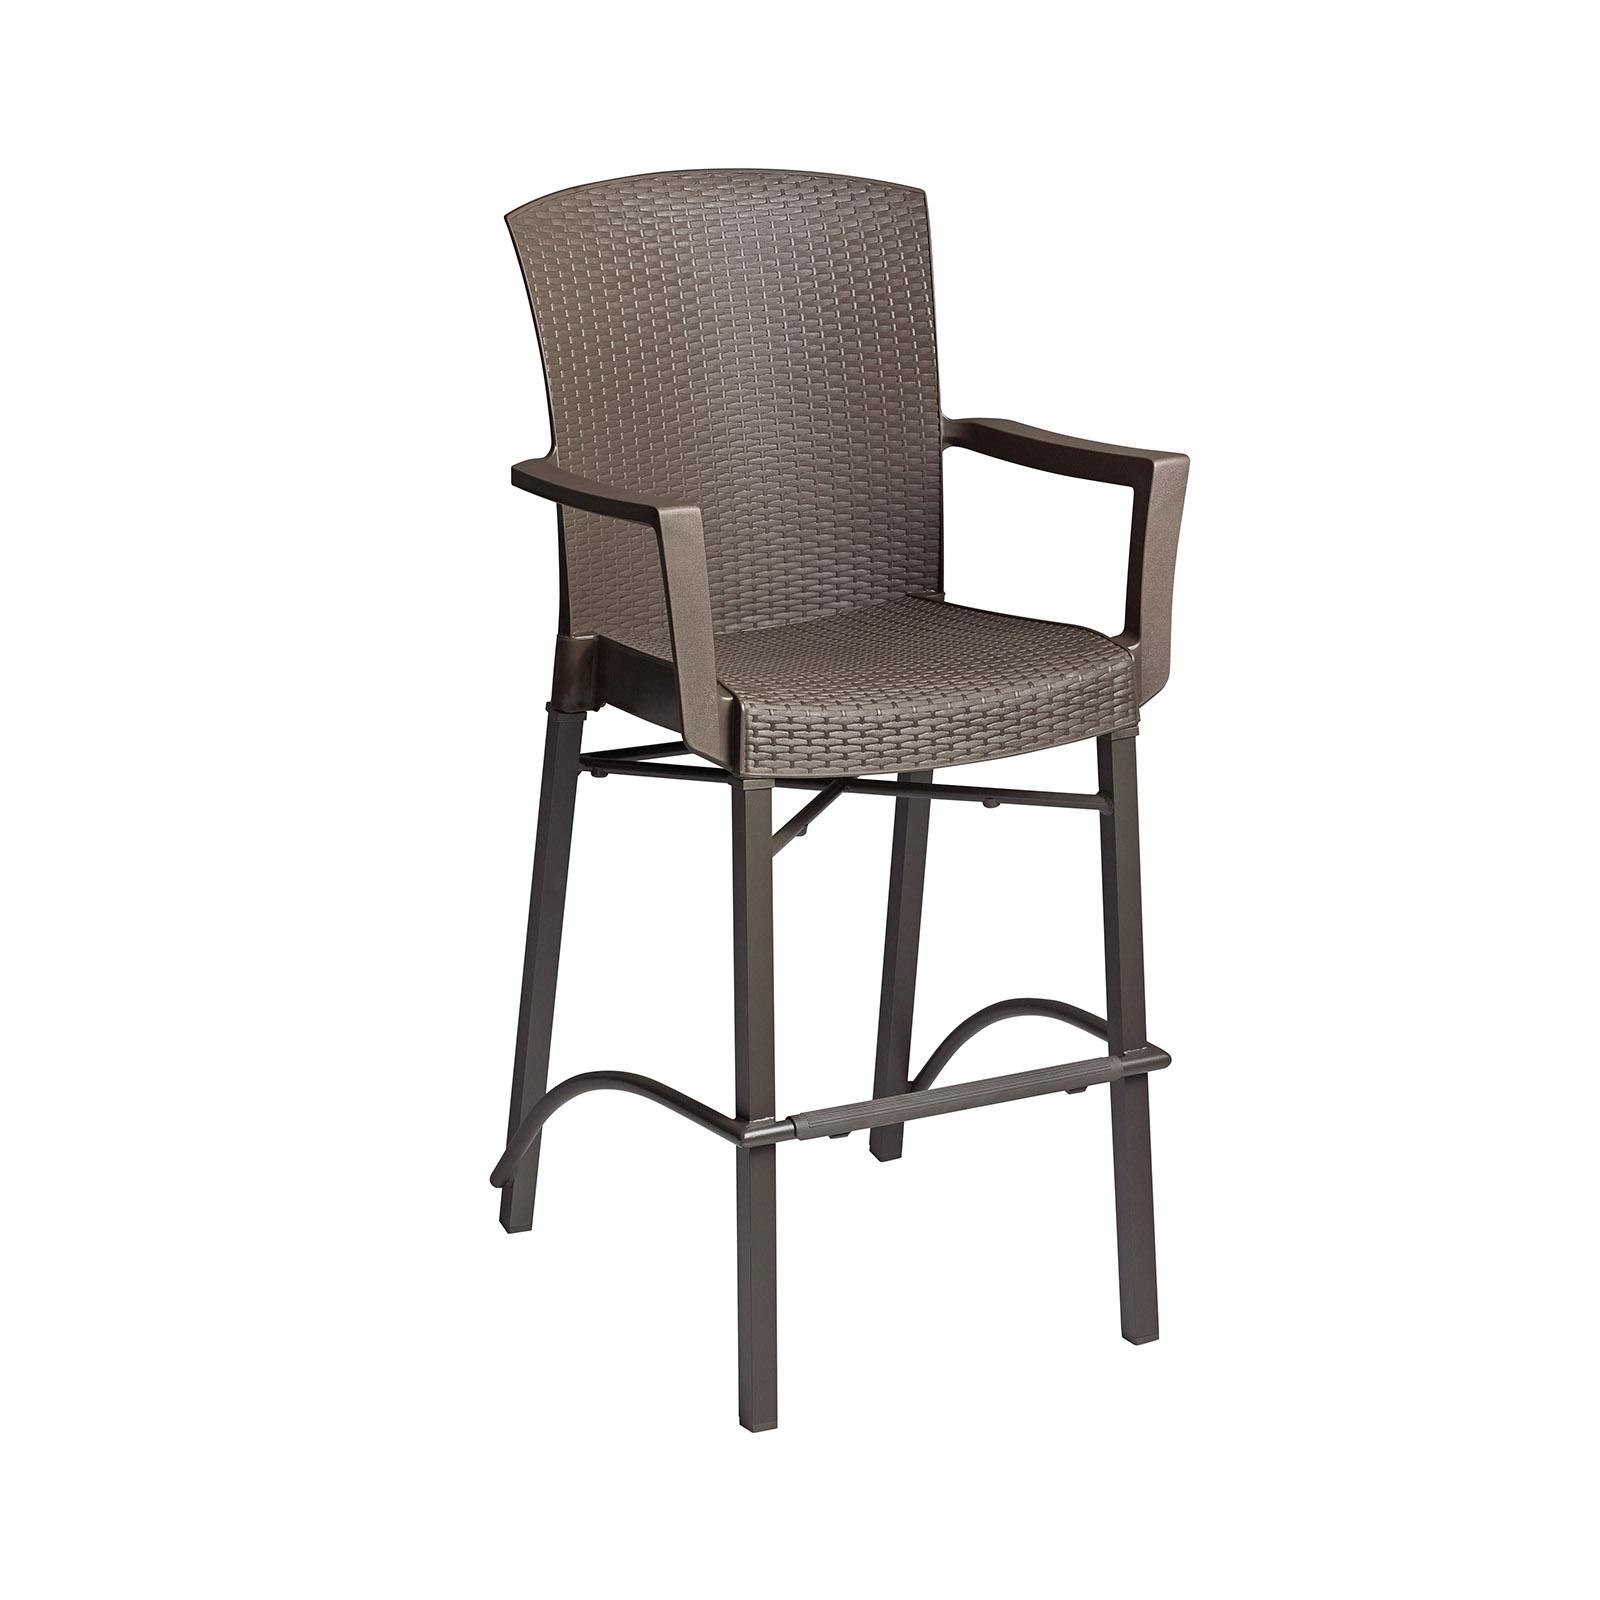 Grosfillex 48260002 bar stool, outdoor